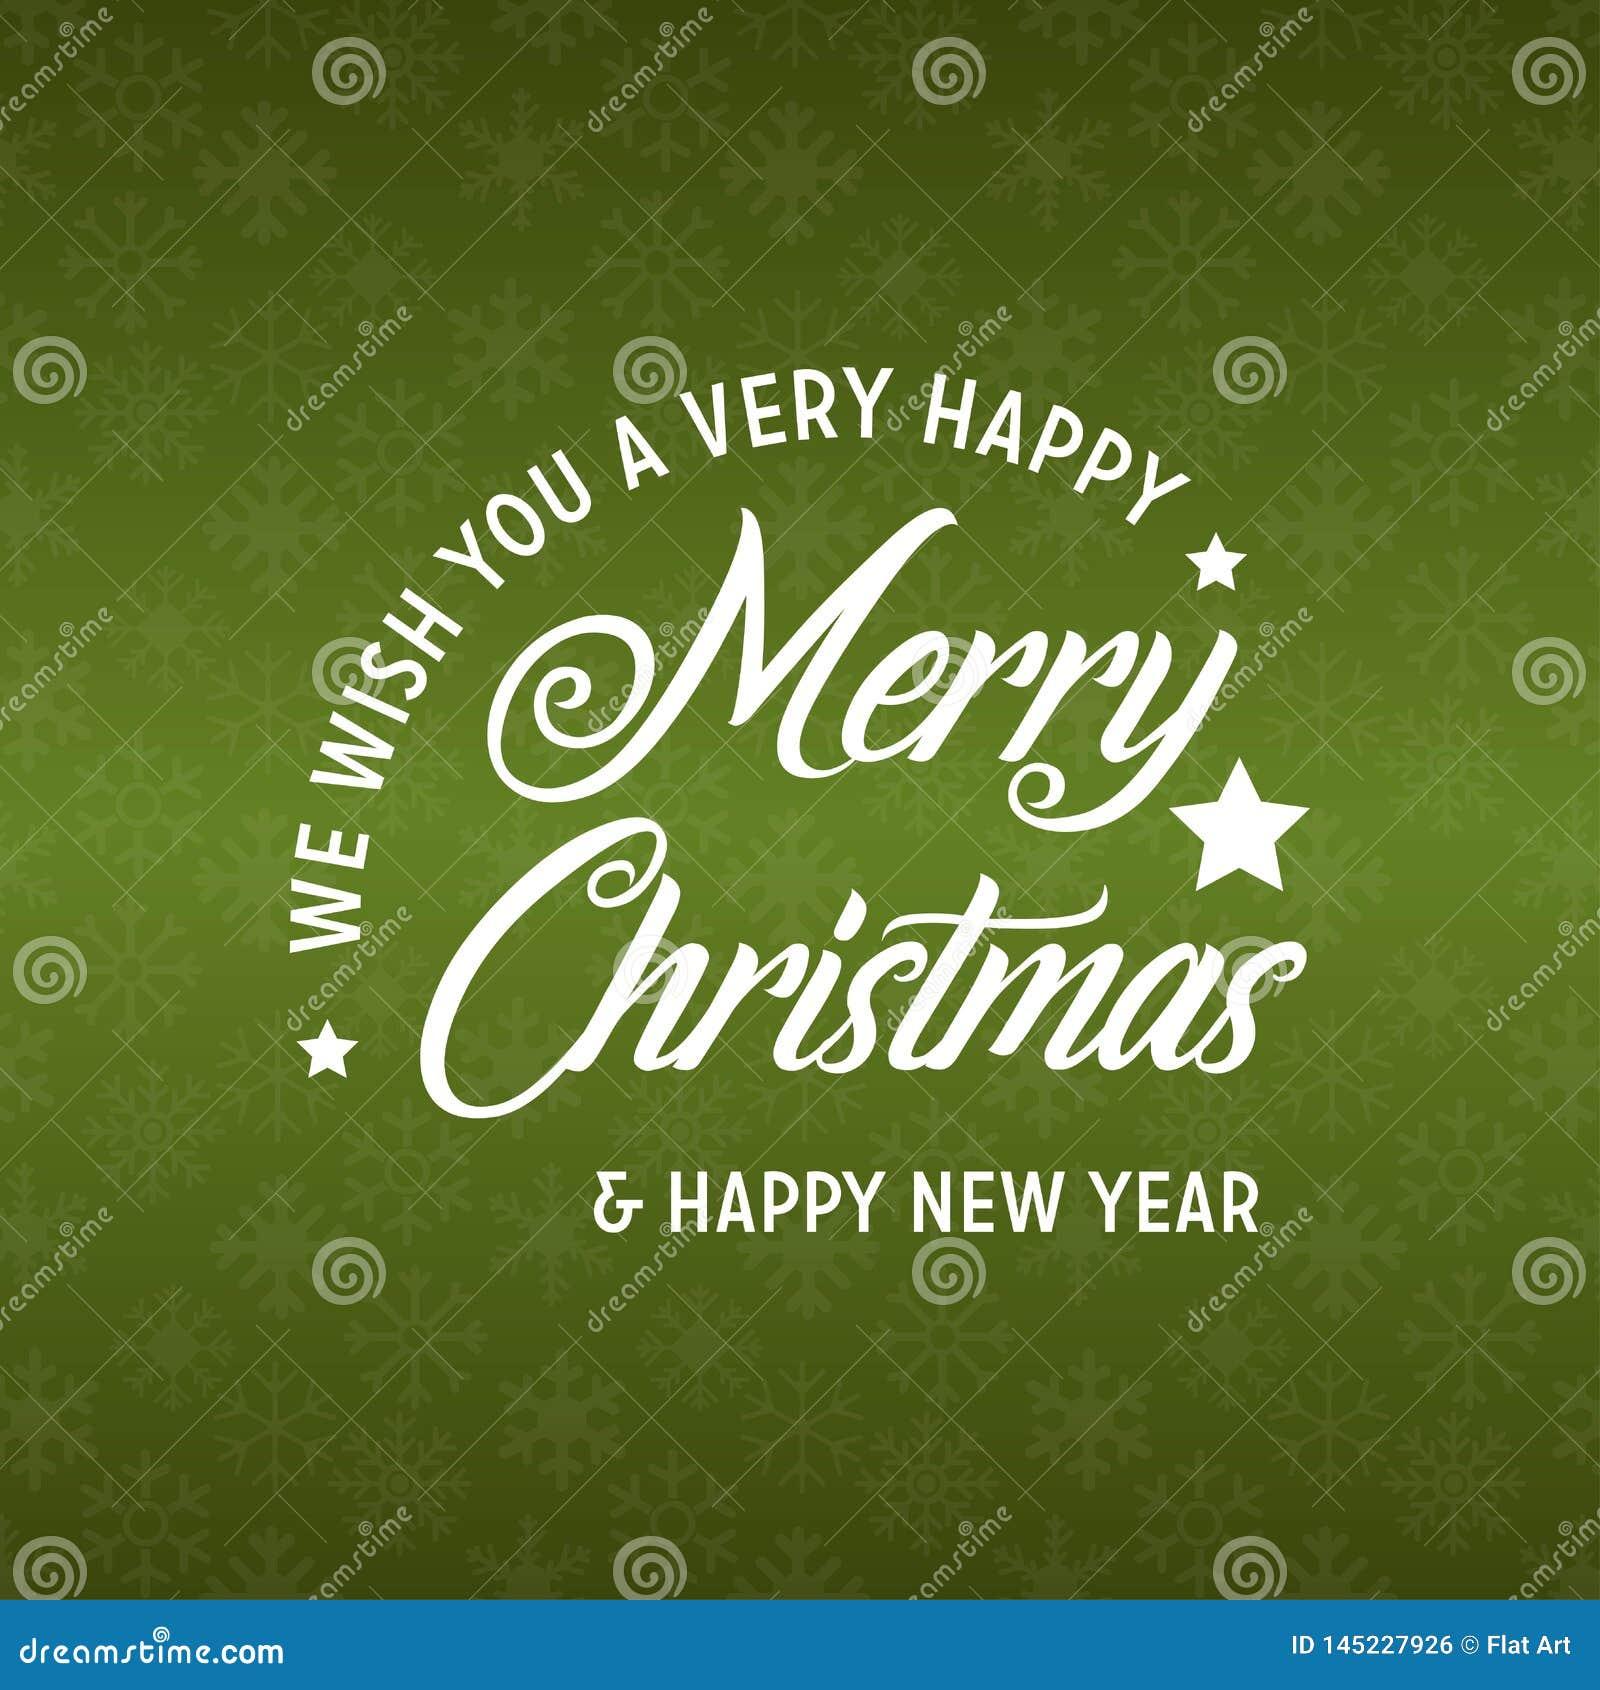 Веселое рождество и С Новым Годом! зеленая предпосылка 2019